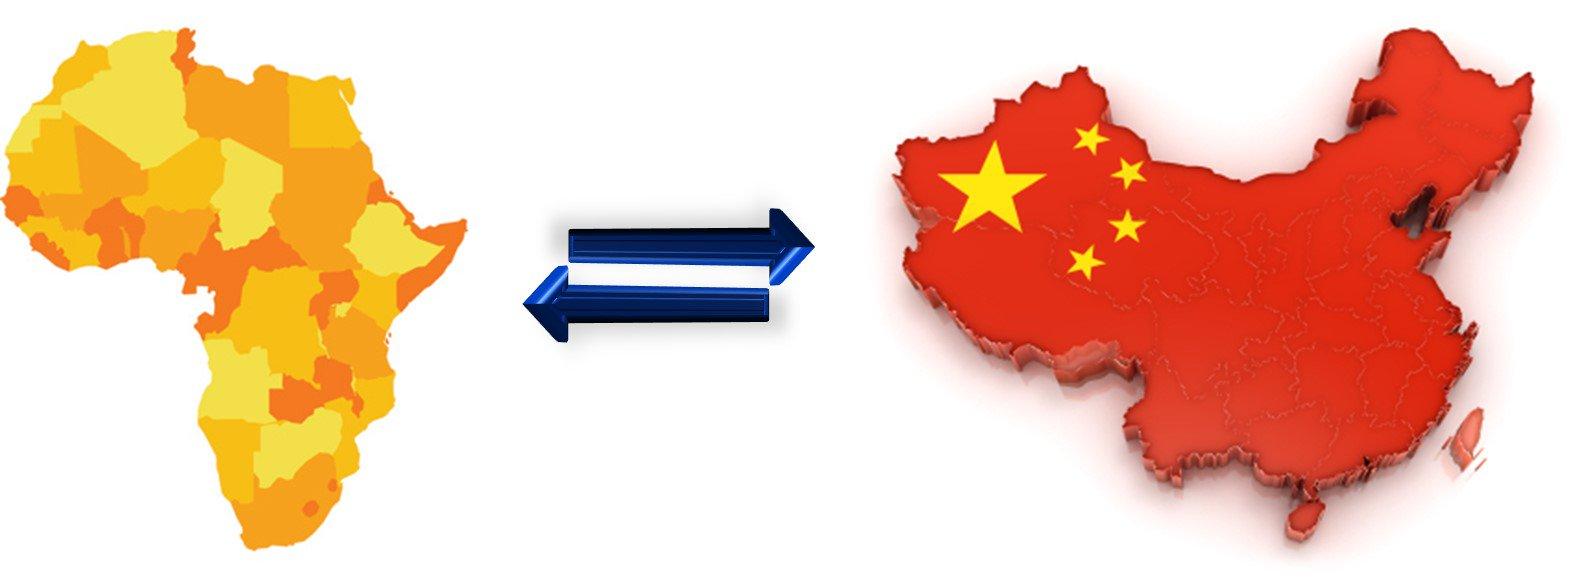 China e África mantêm amizade e reforçam laços